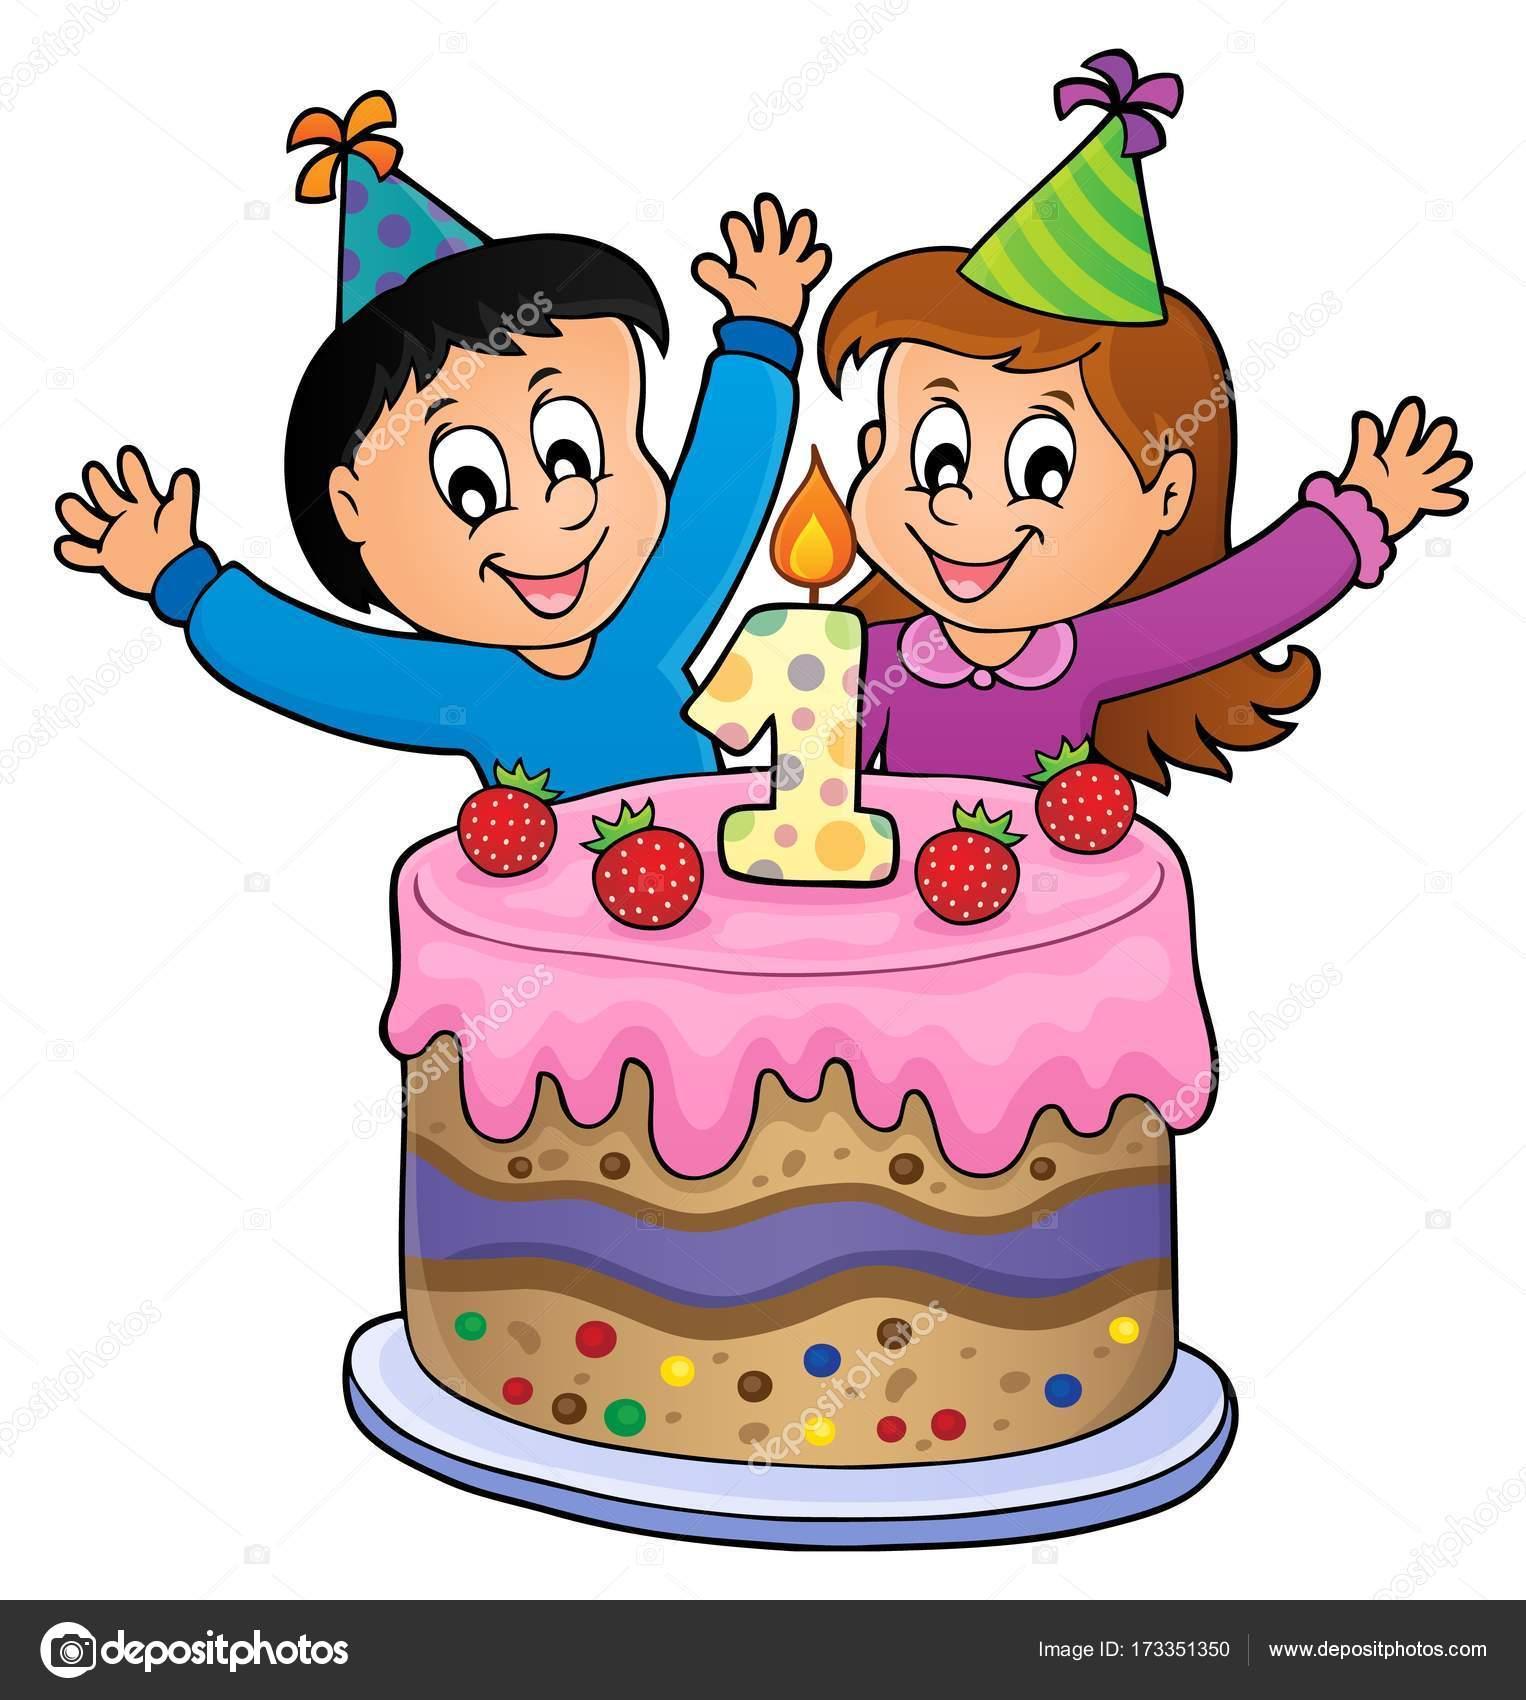 boldog 1 születésnapot Boldog születésnapot kép 1 évig — Stock Vektor © clairev #173351350 boldog 1 születésnapot